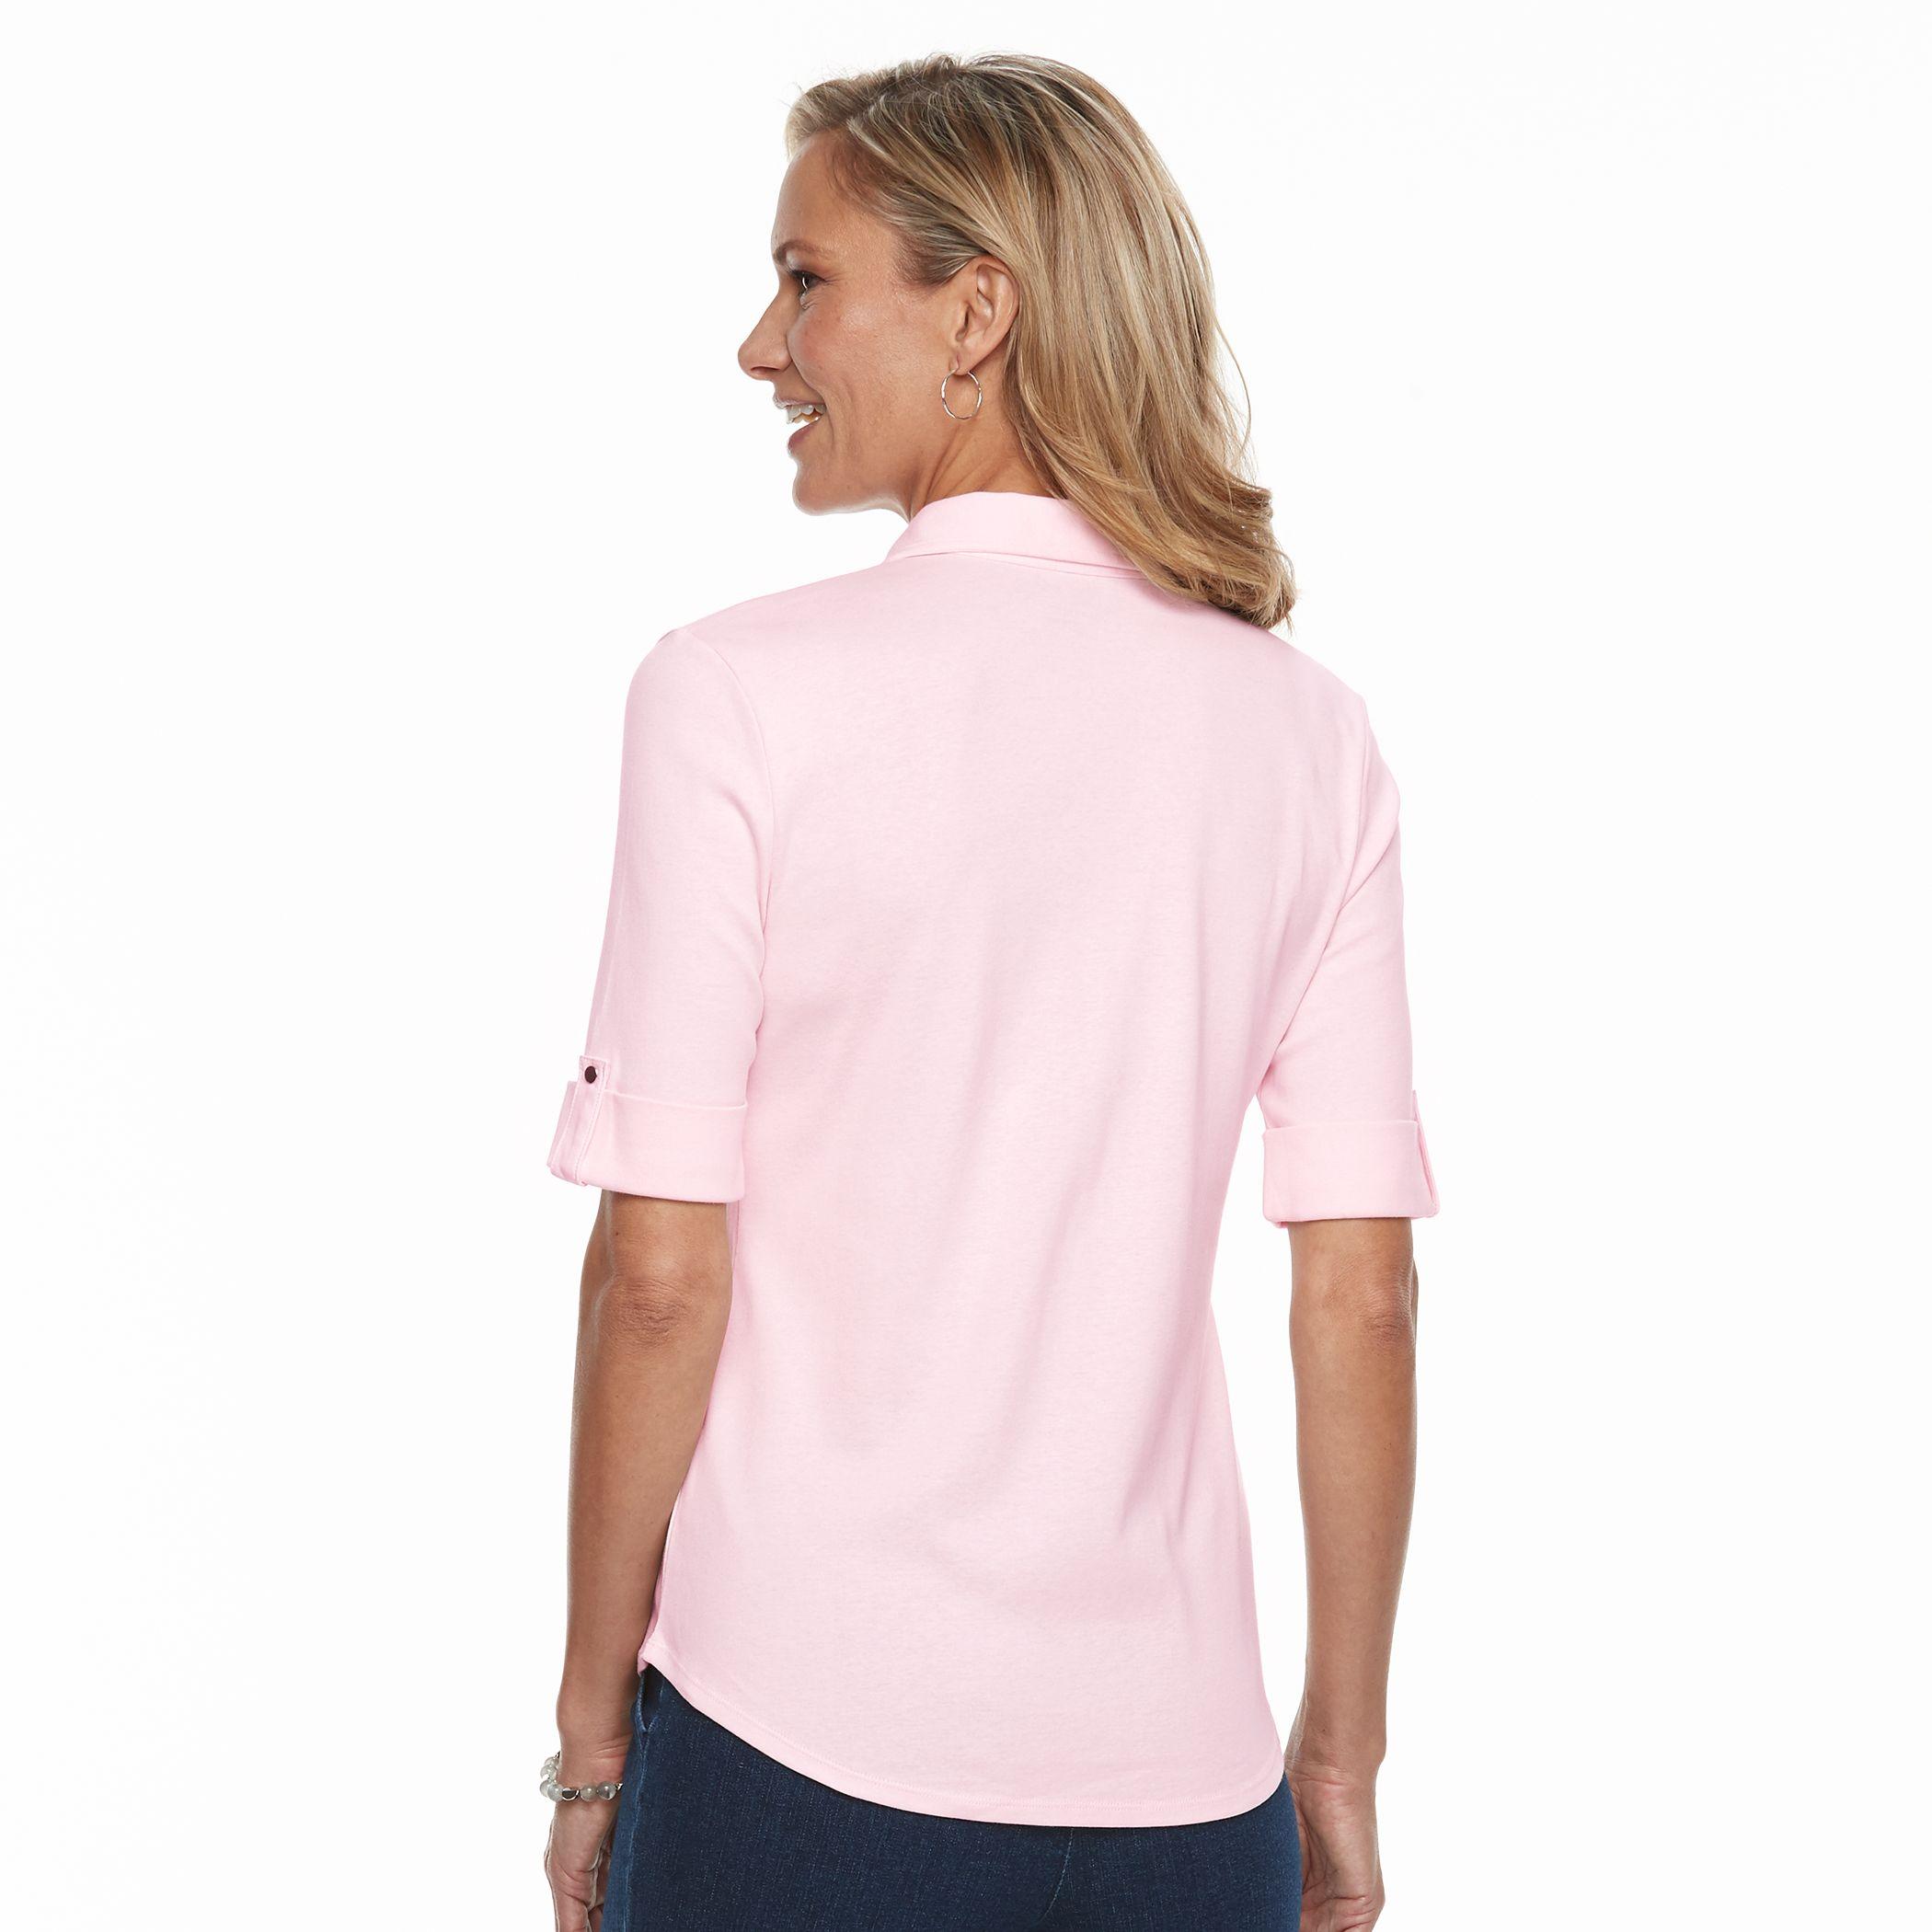 Sleeveless Golf Shirts Plus Size Joe Maloy